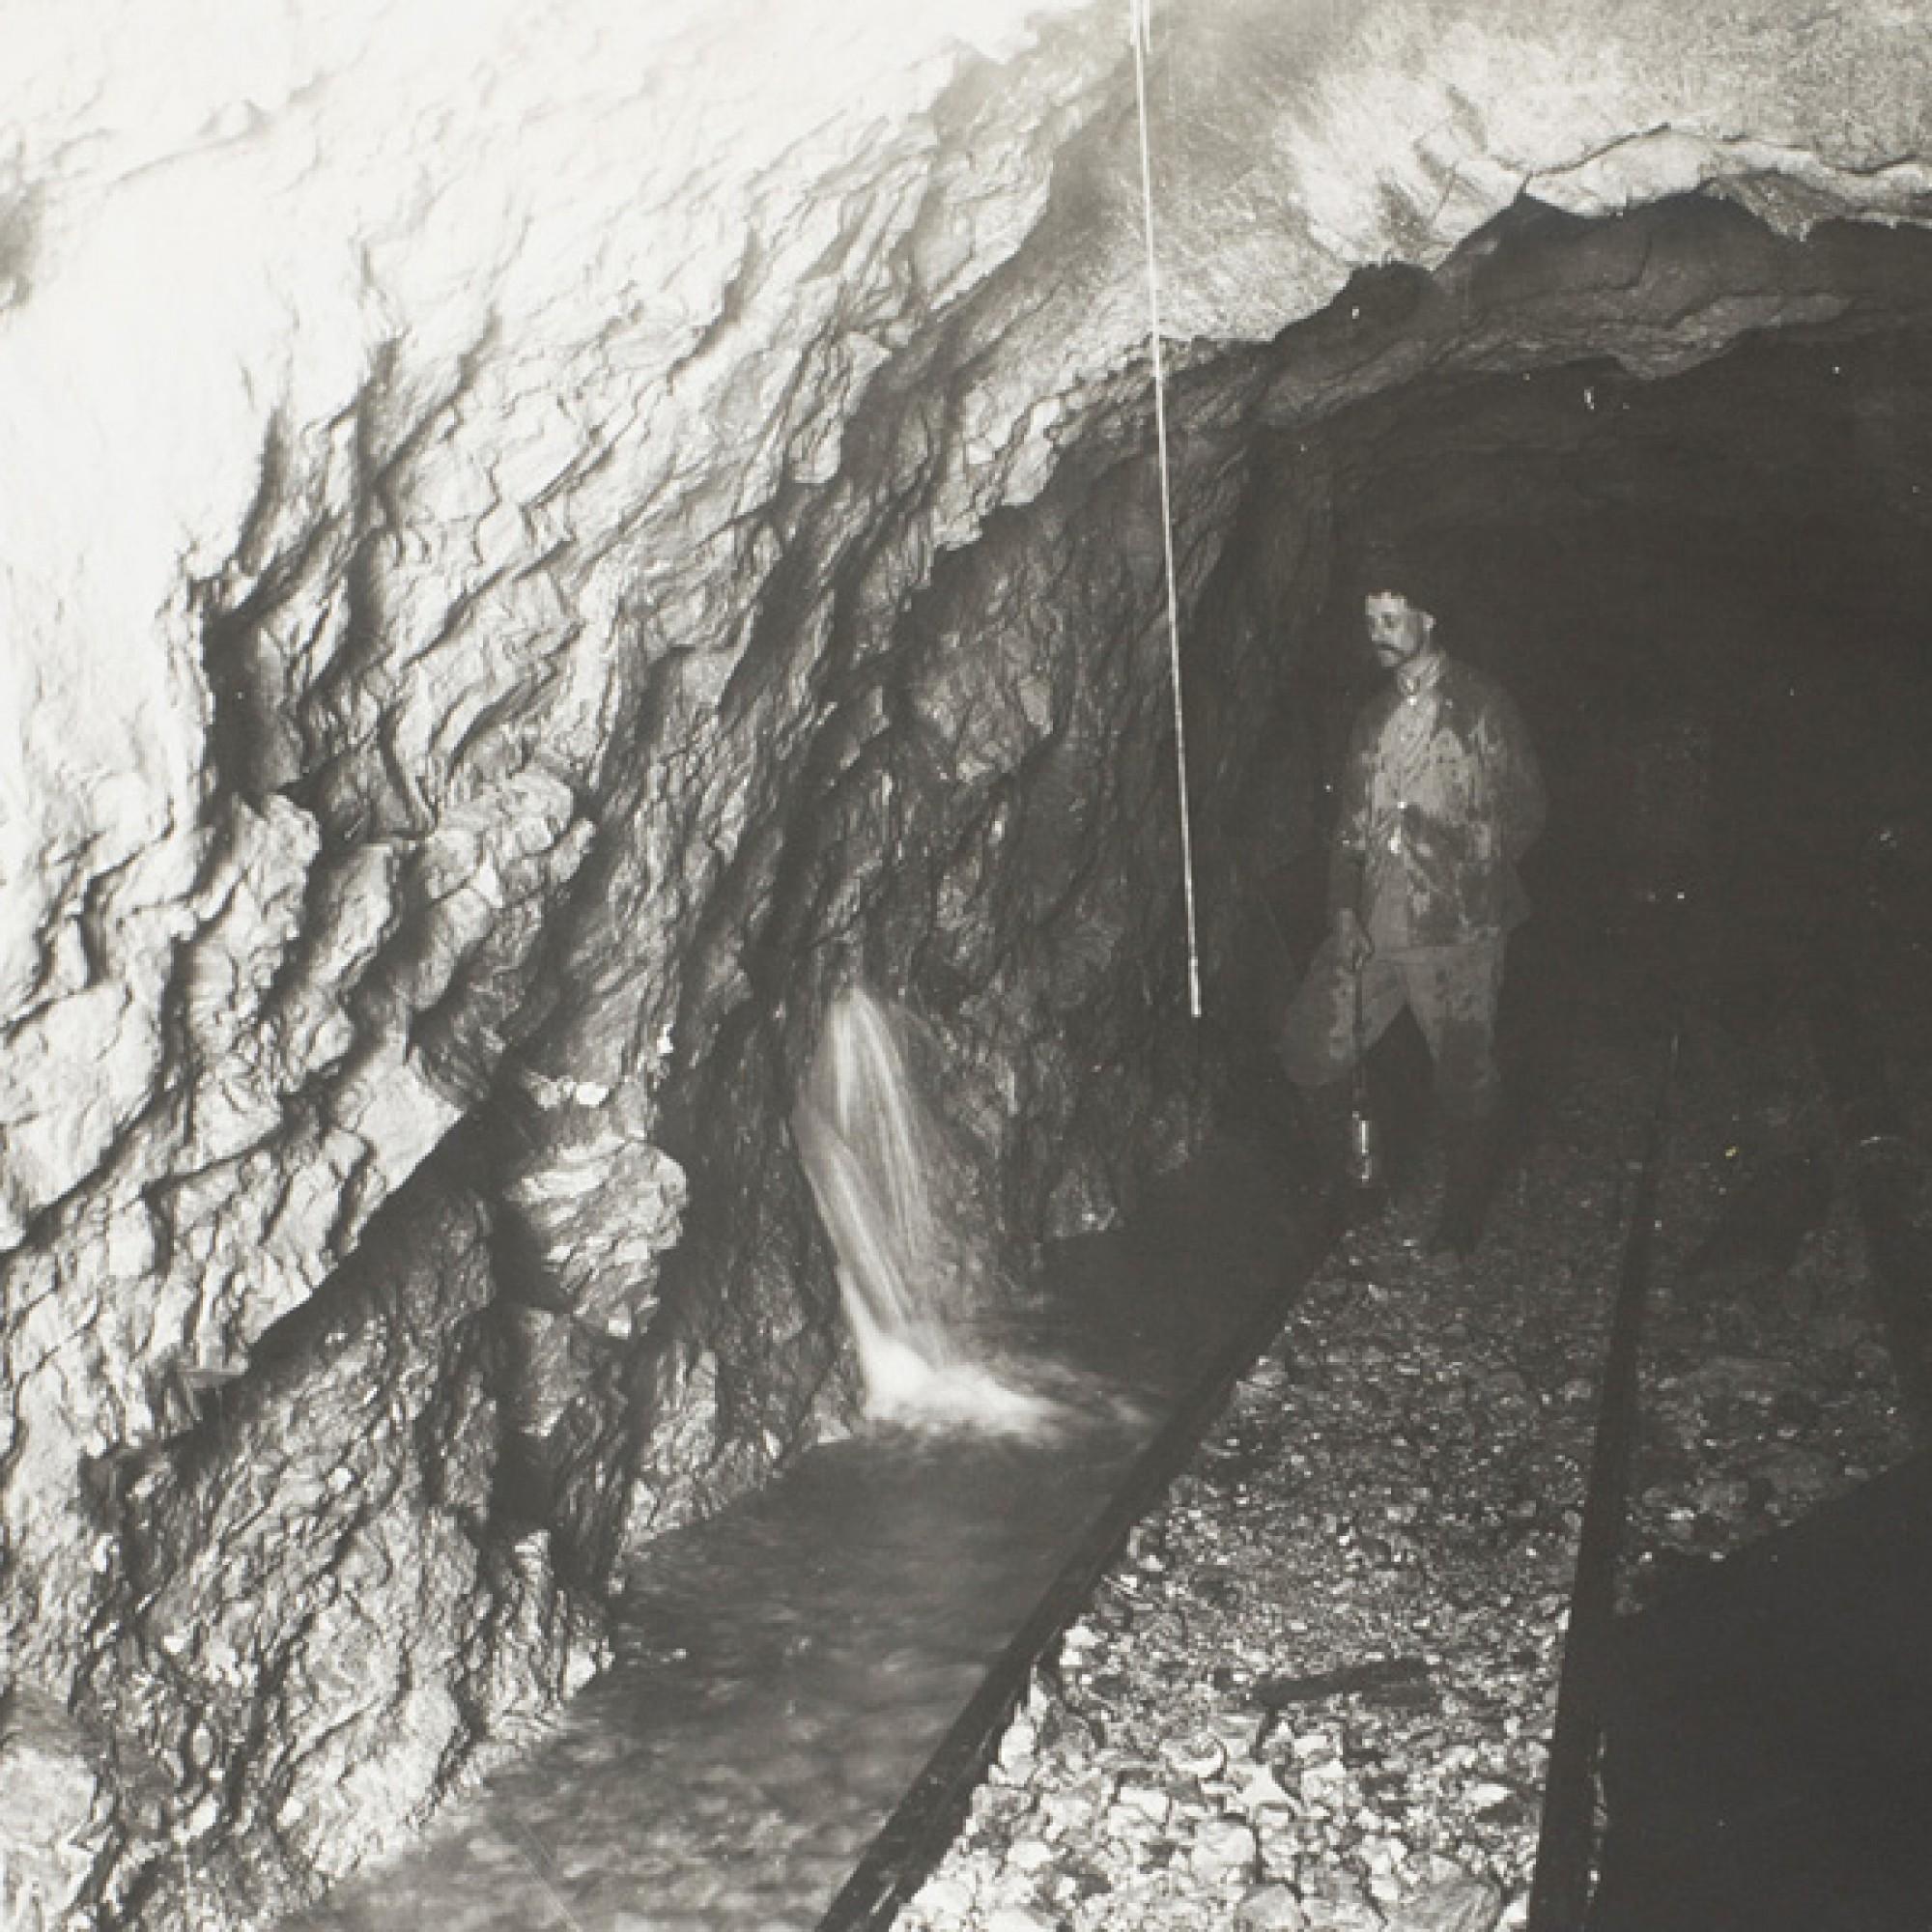 : Eine Quelle im Tunnel. (Foto: Friedrich Aeschbacher, Olten, copyright Historisches Museum Olten)